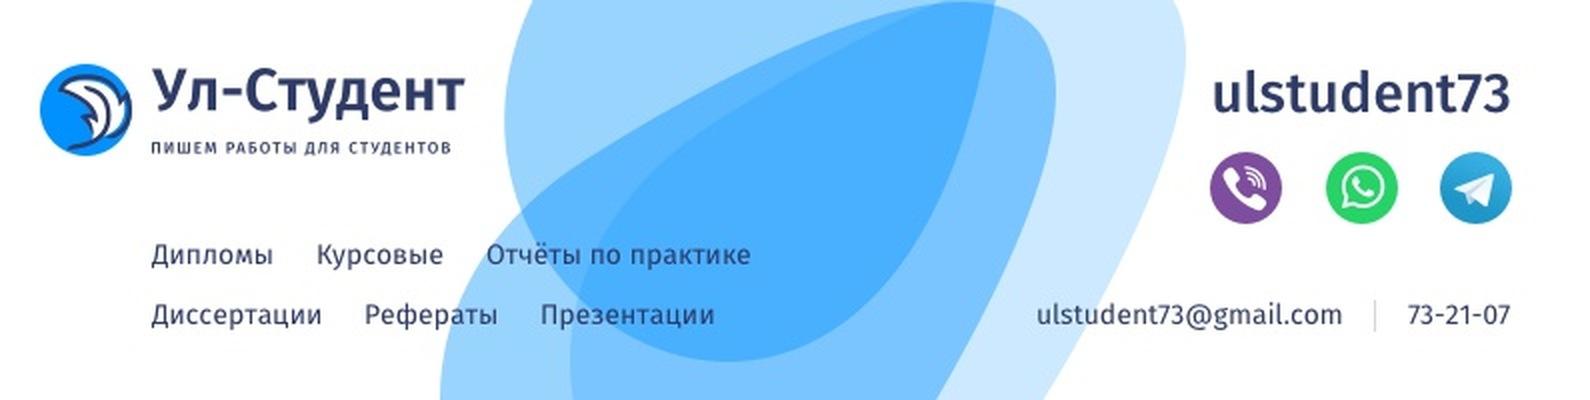 Курсовая работа заказать в ульяновске скачать реферат история введения